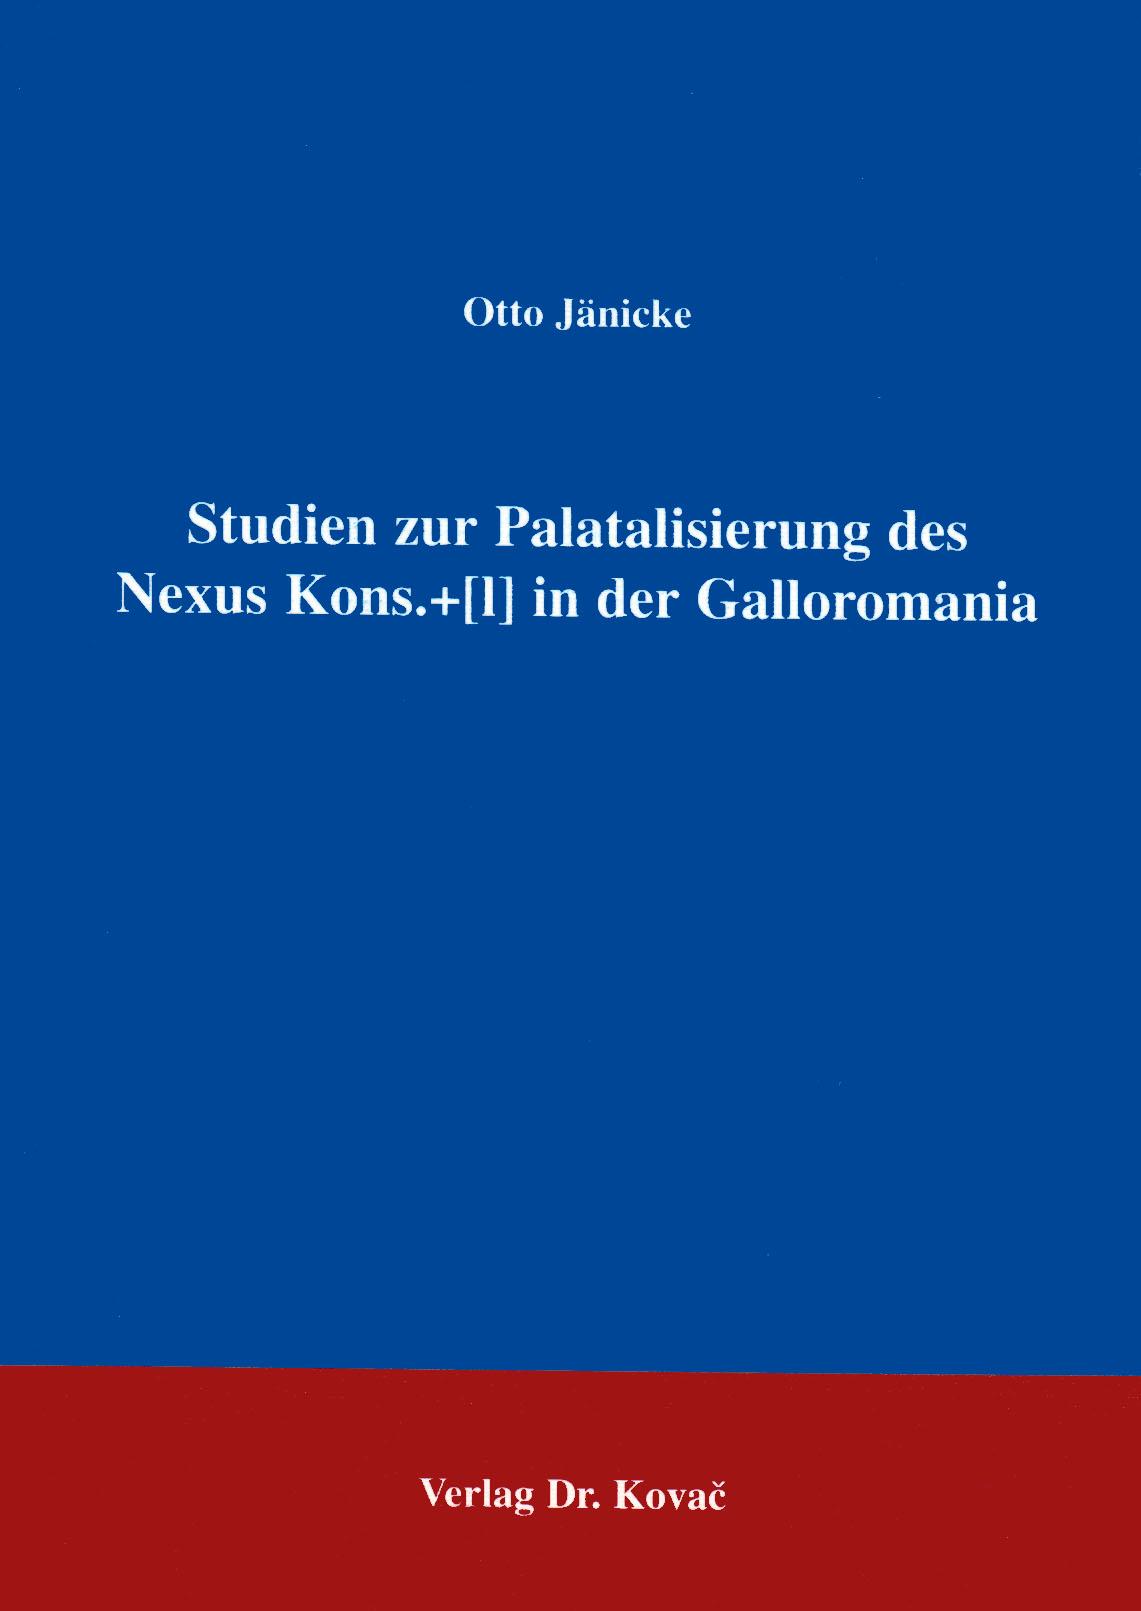 Cover: Studien zur Palatalisierung des Nexus Kons.+[I] in der Galloromania